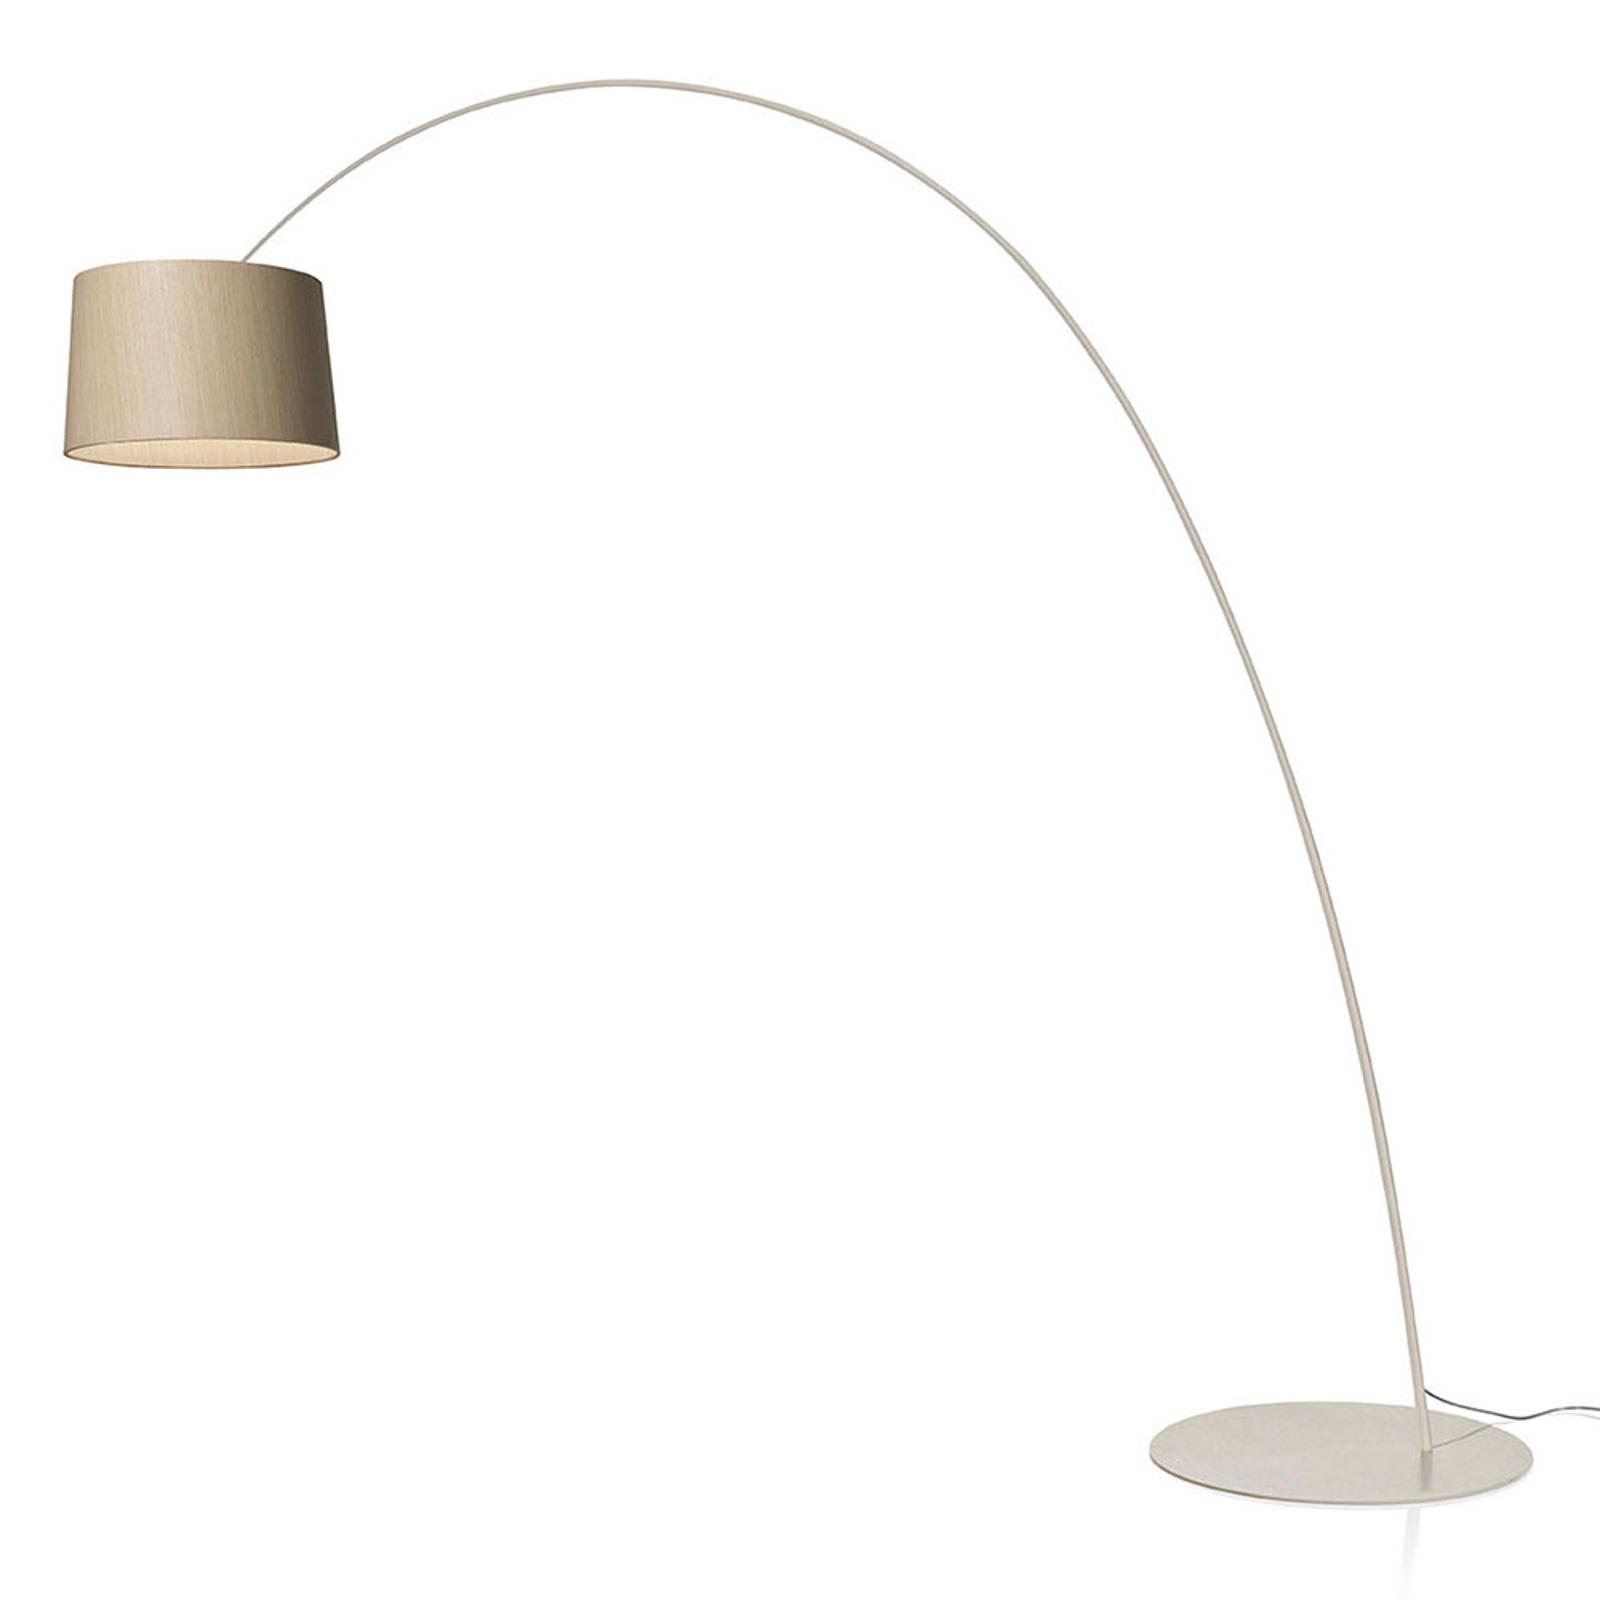 Foscarini Twiggy Wood MyLight Stehlampe greige